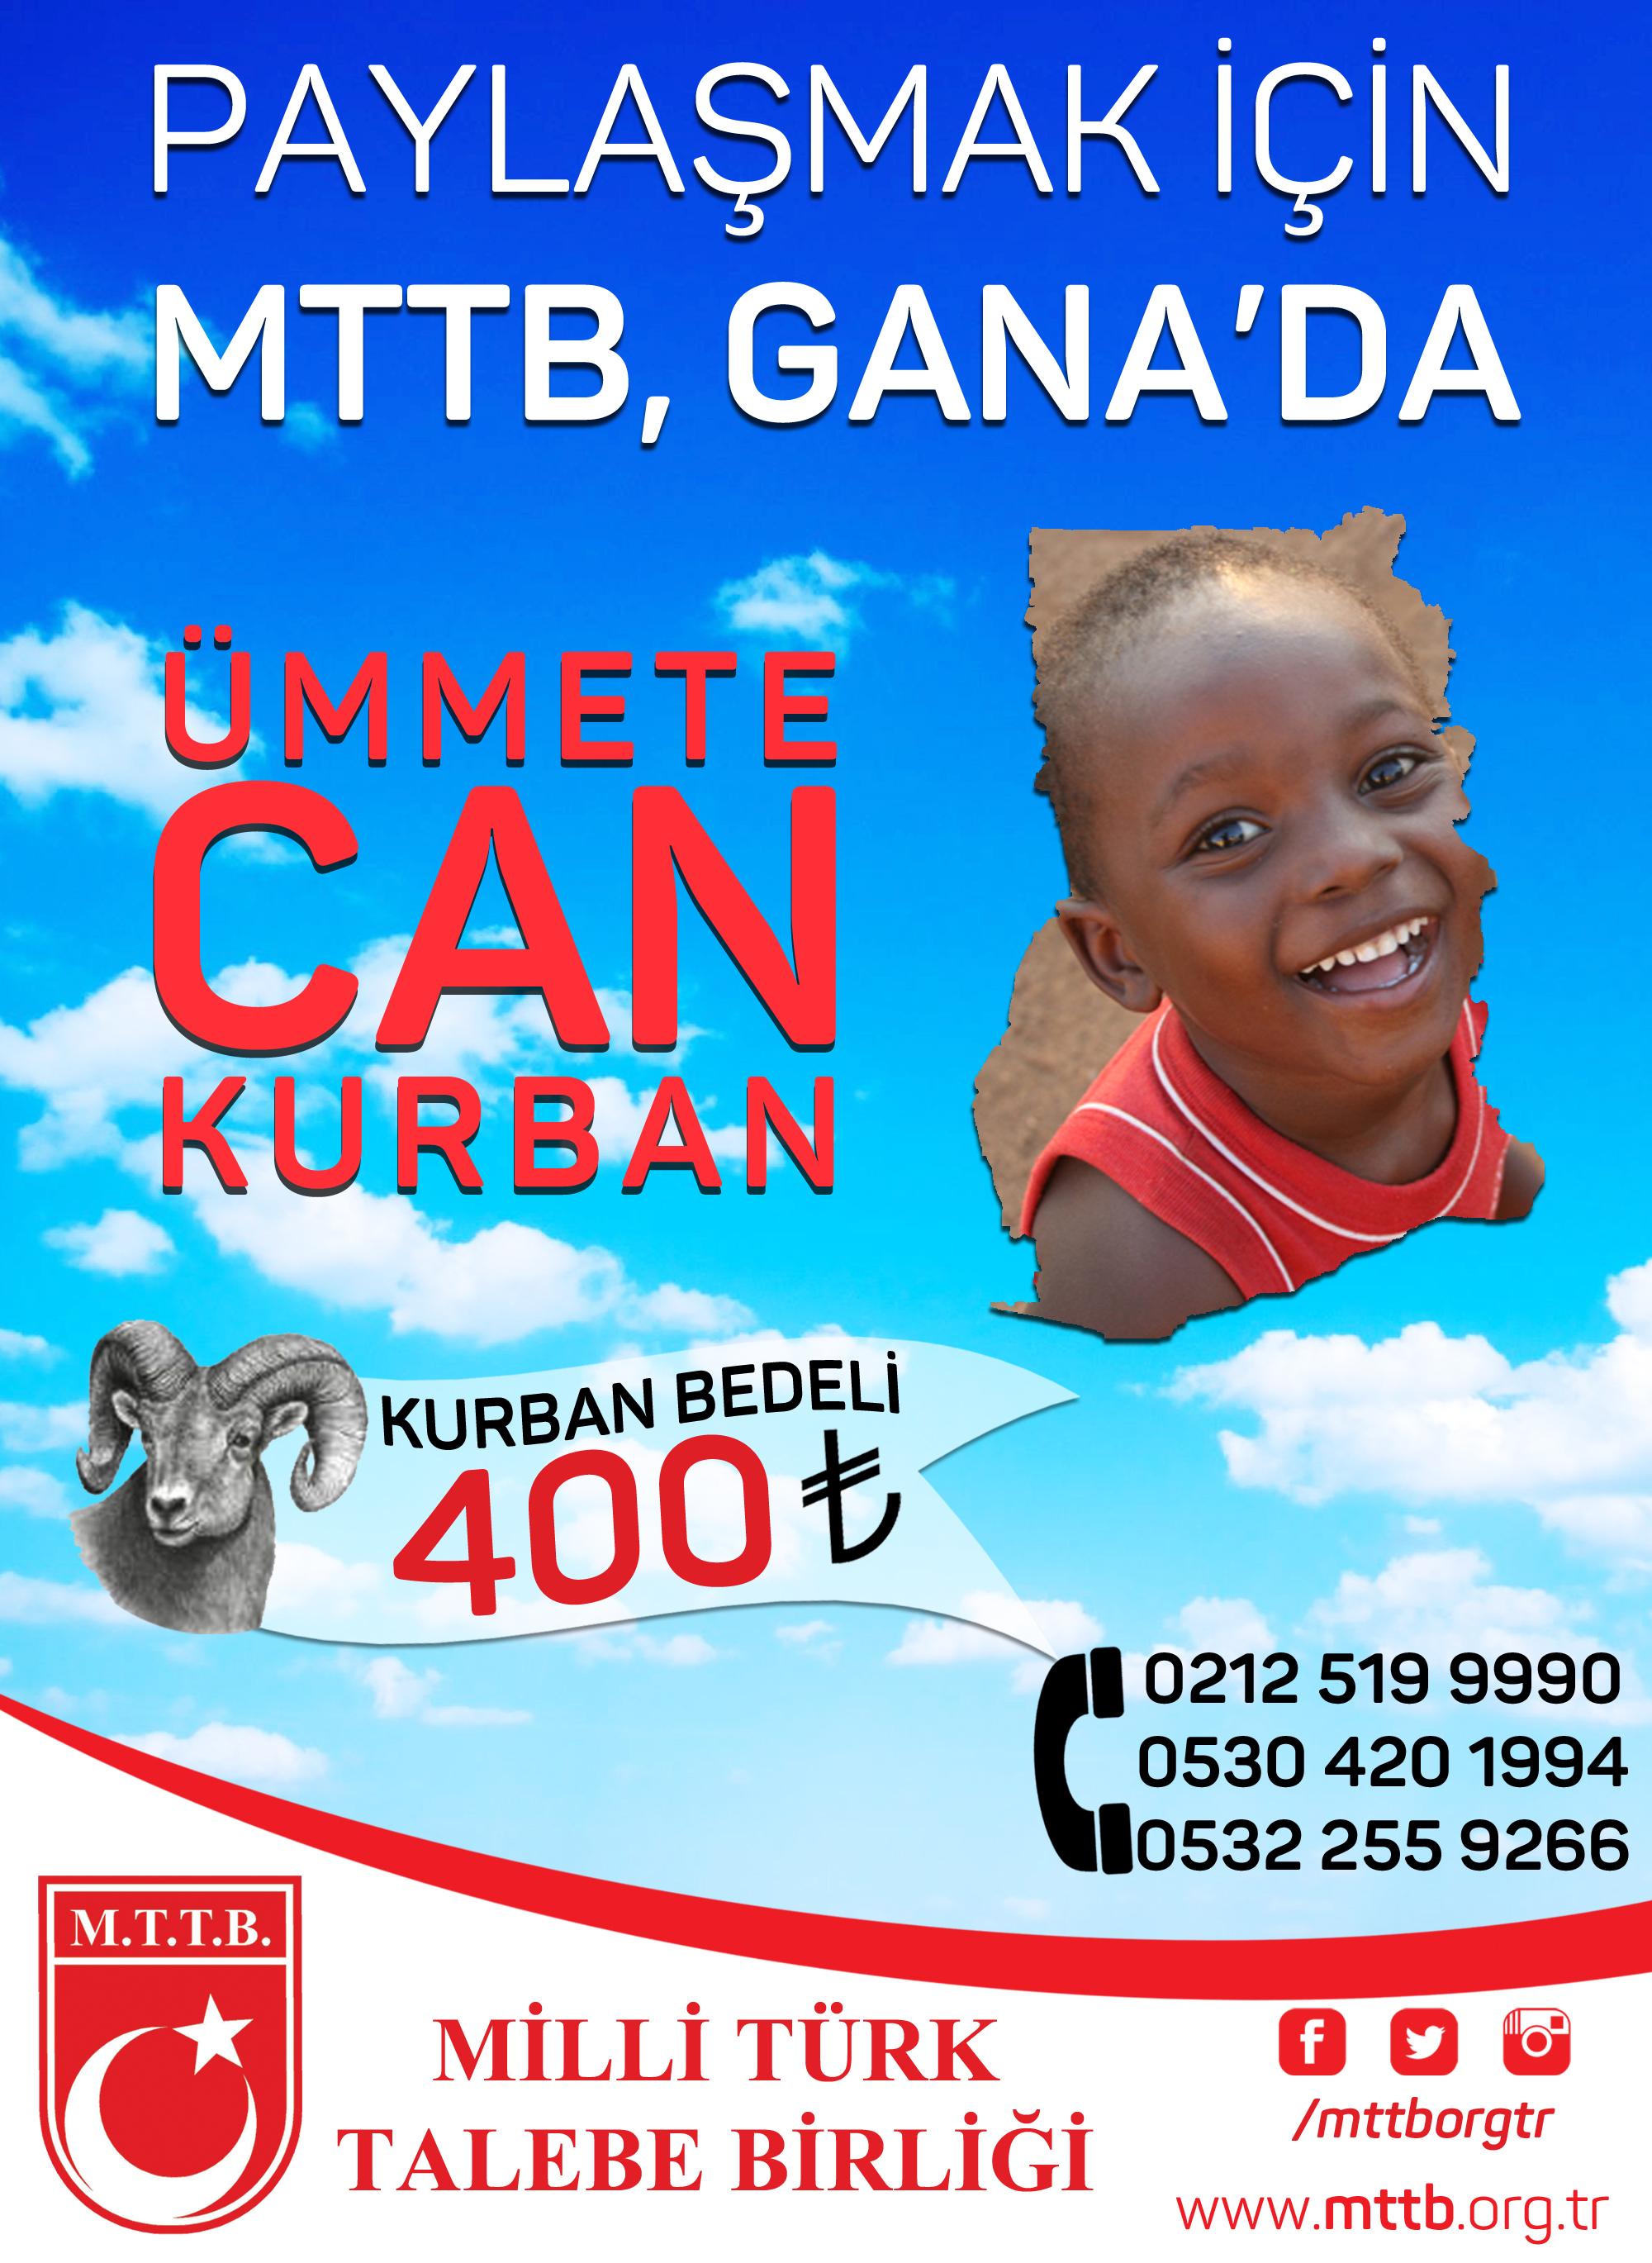 Paylaşmak İçin MTTB Gana'da